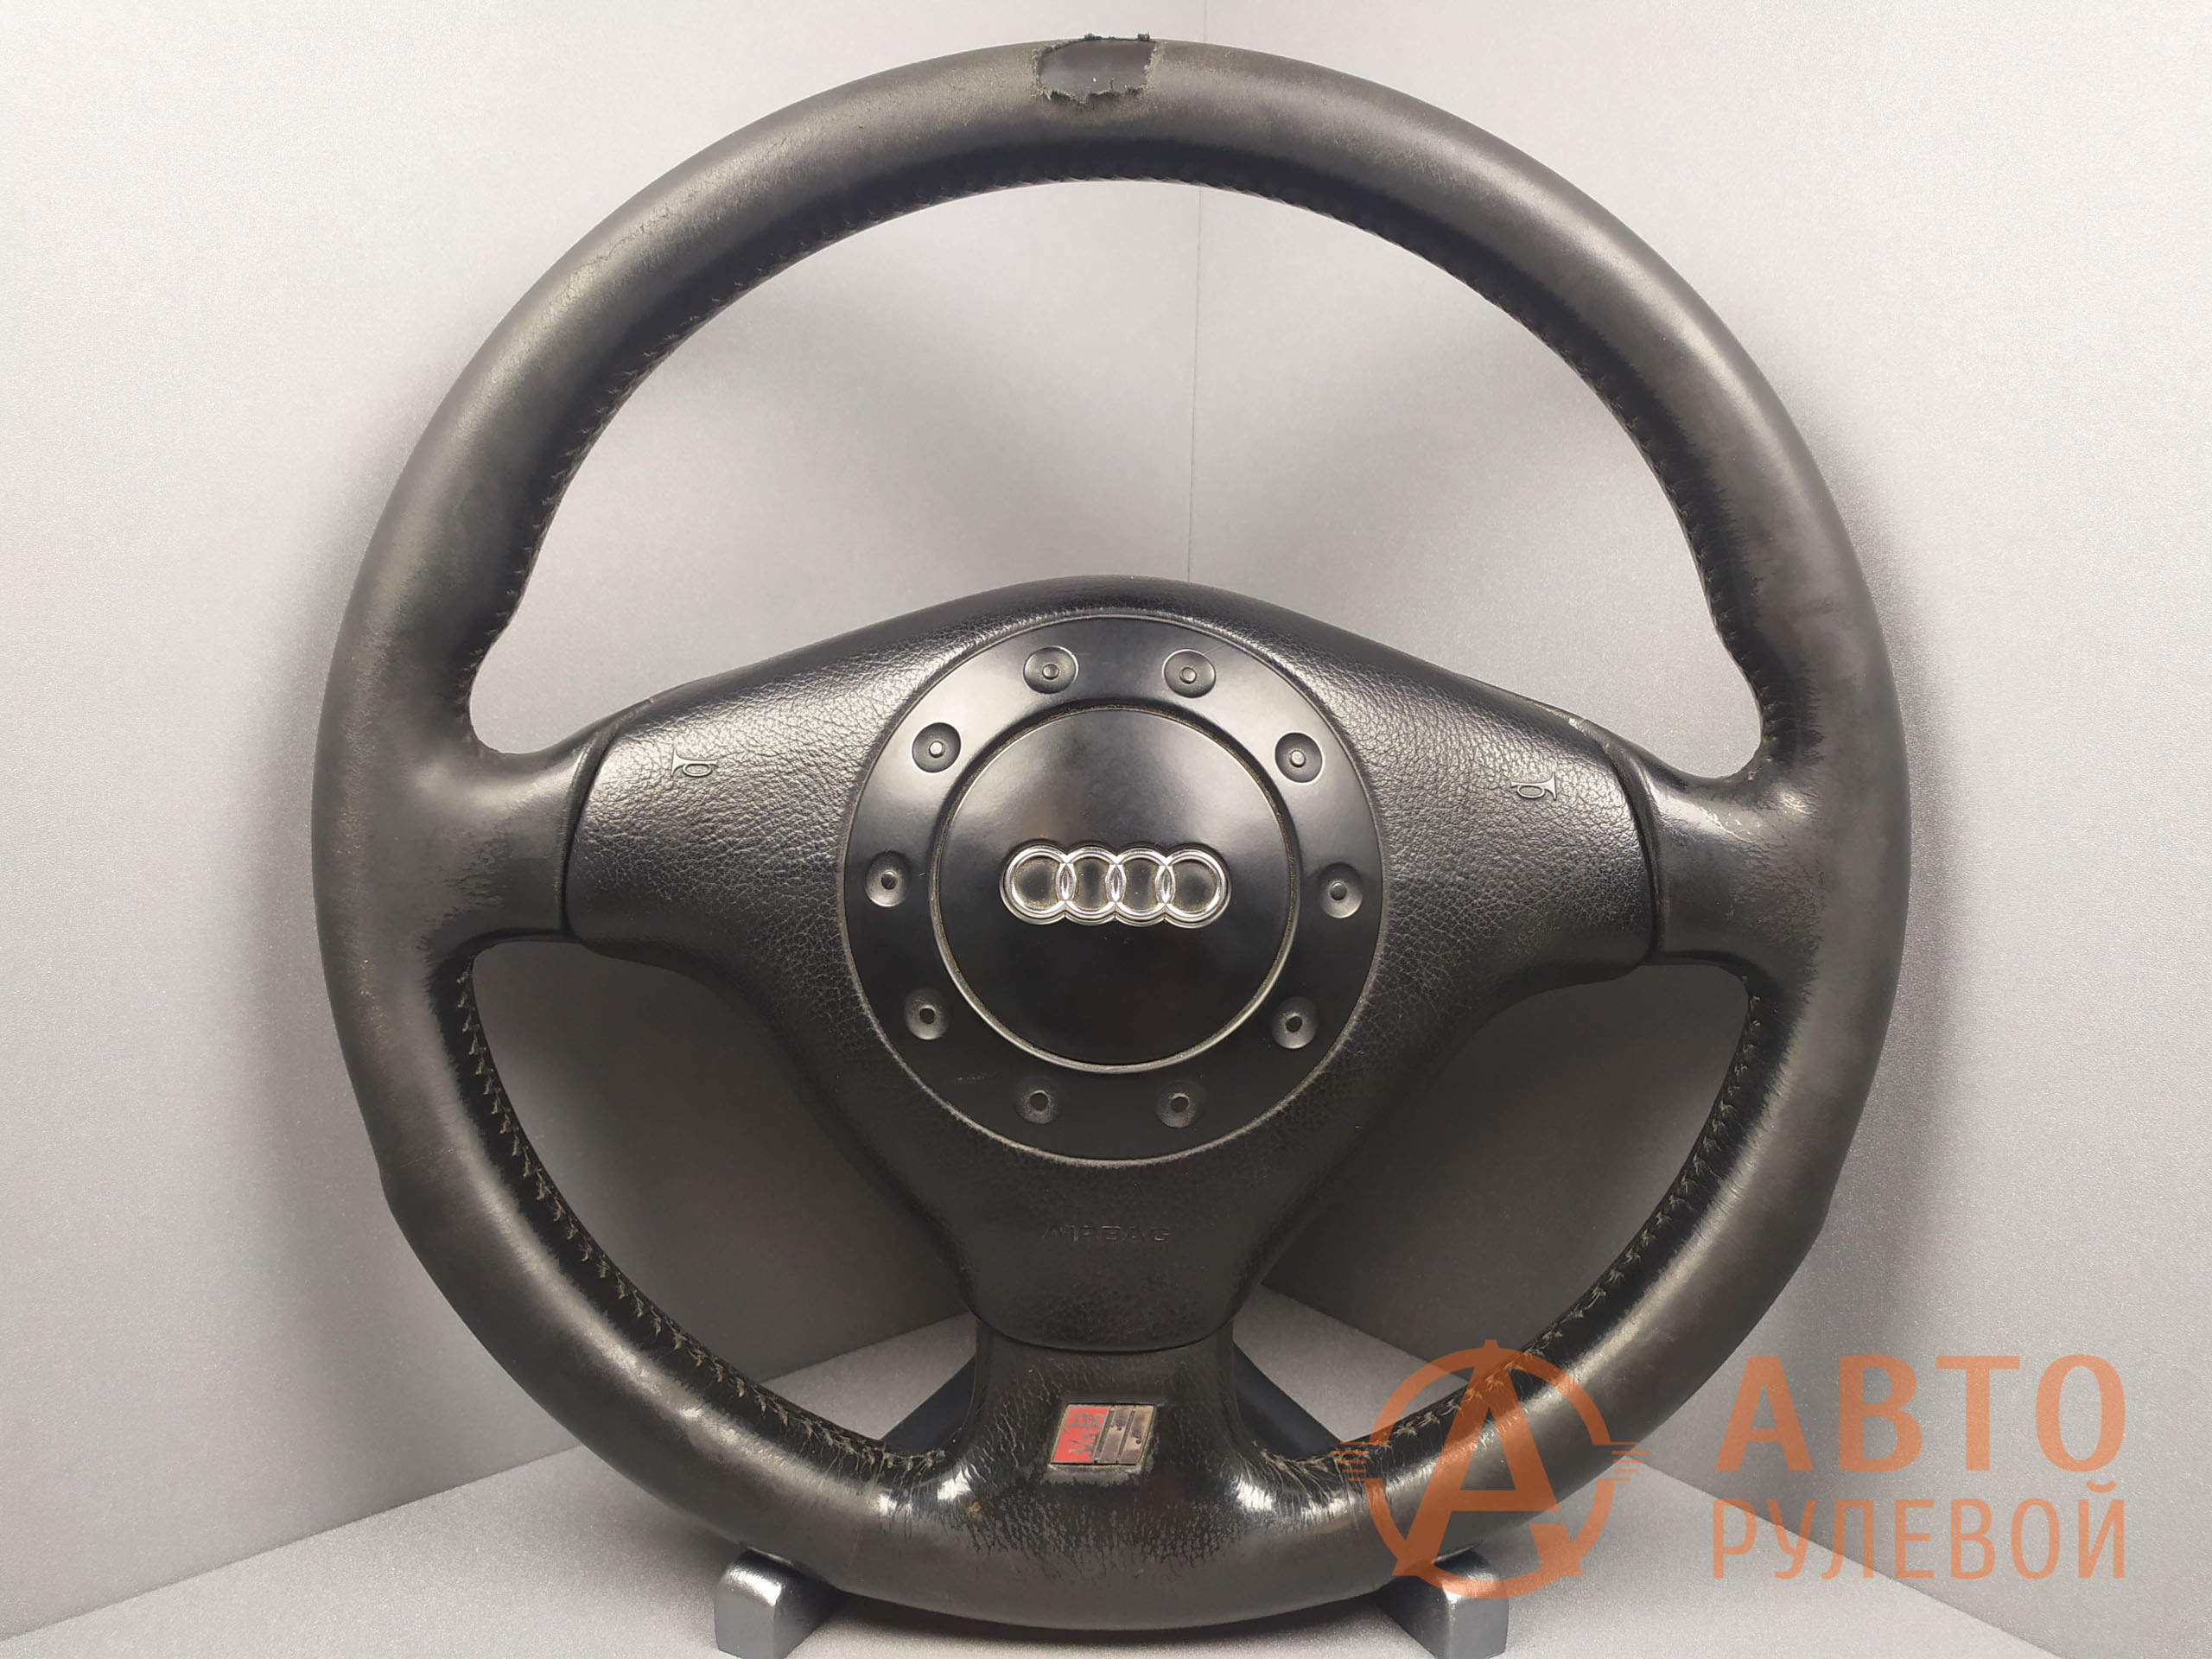 Руль Audi A4 1 поколение рестайлинг 1997 до перетяжки